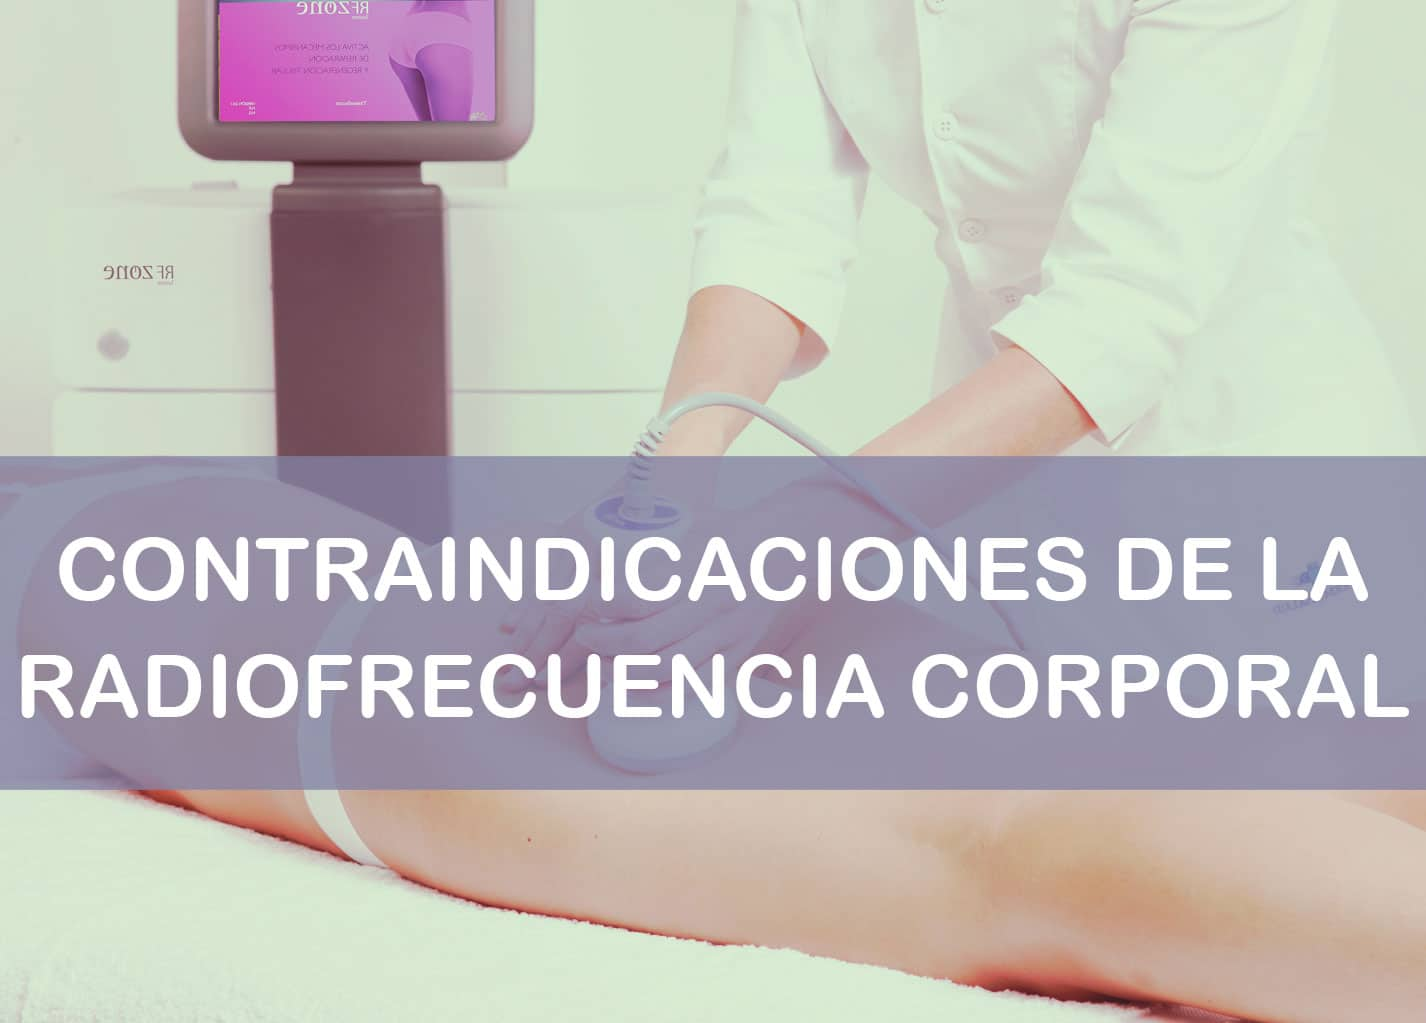 Radiofrecuencia Corporal - Resultados y Opiniones de Expertos